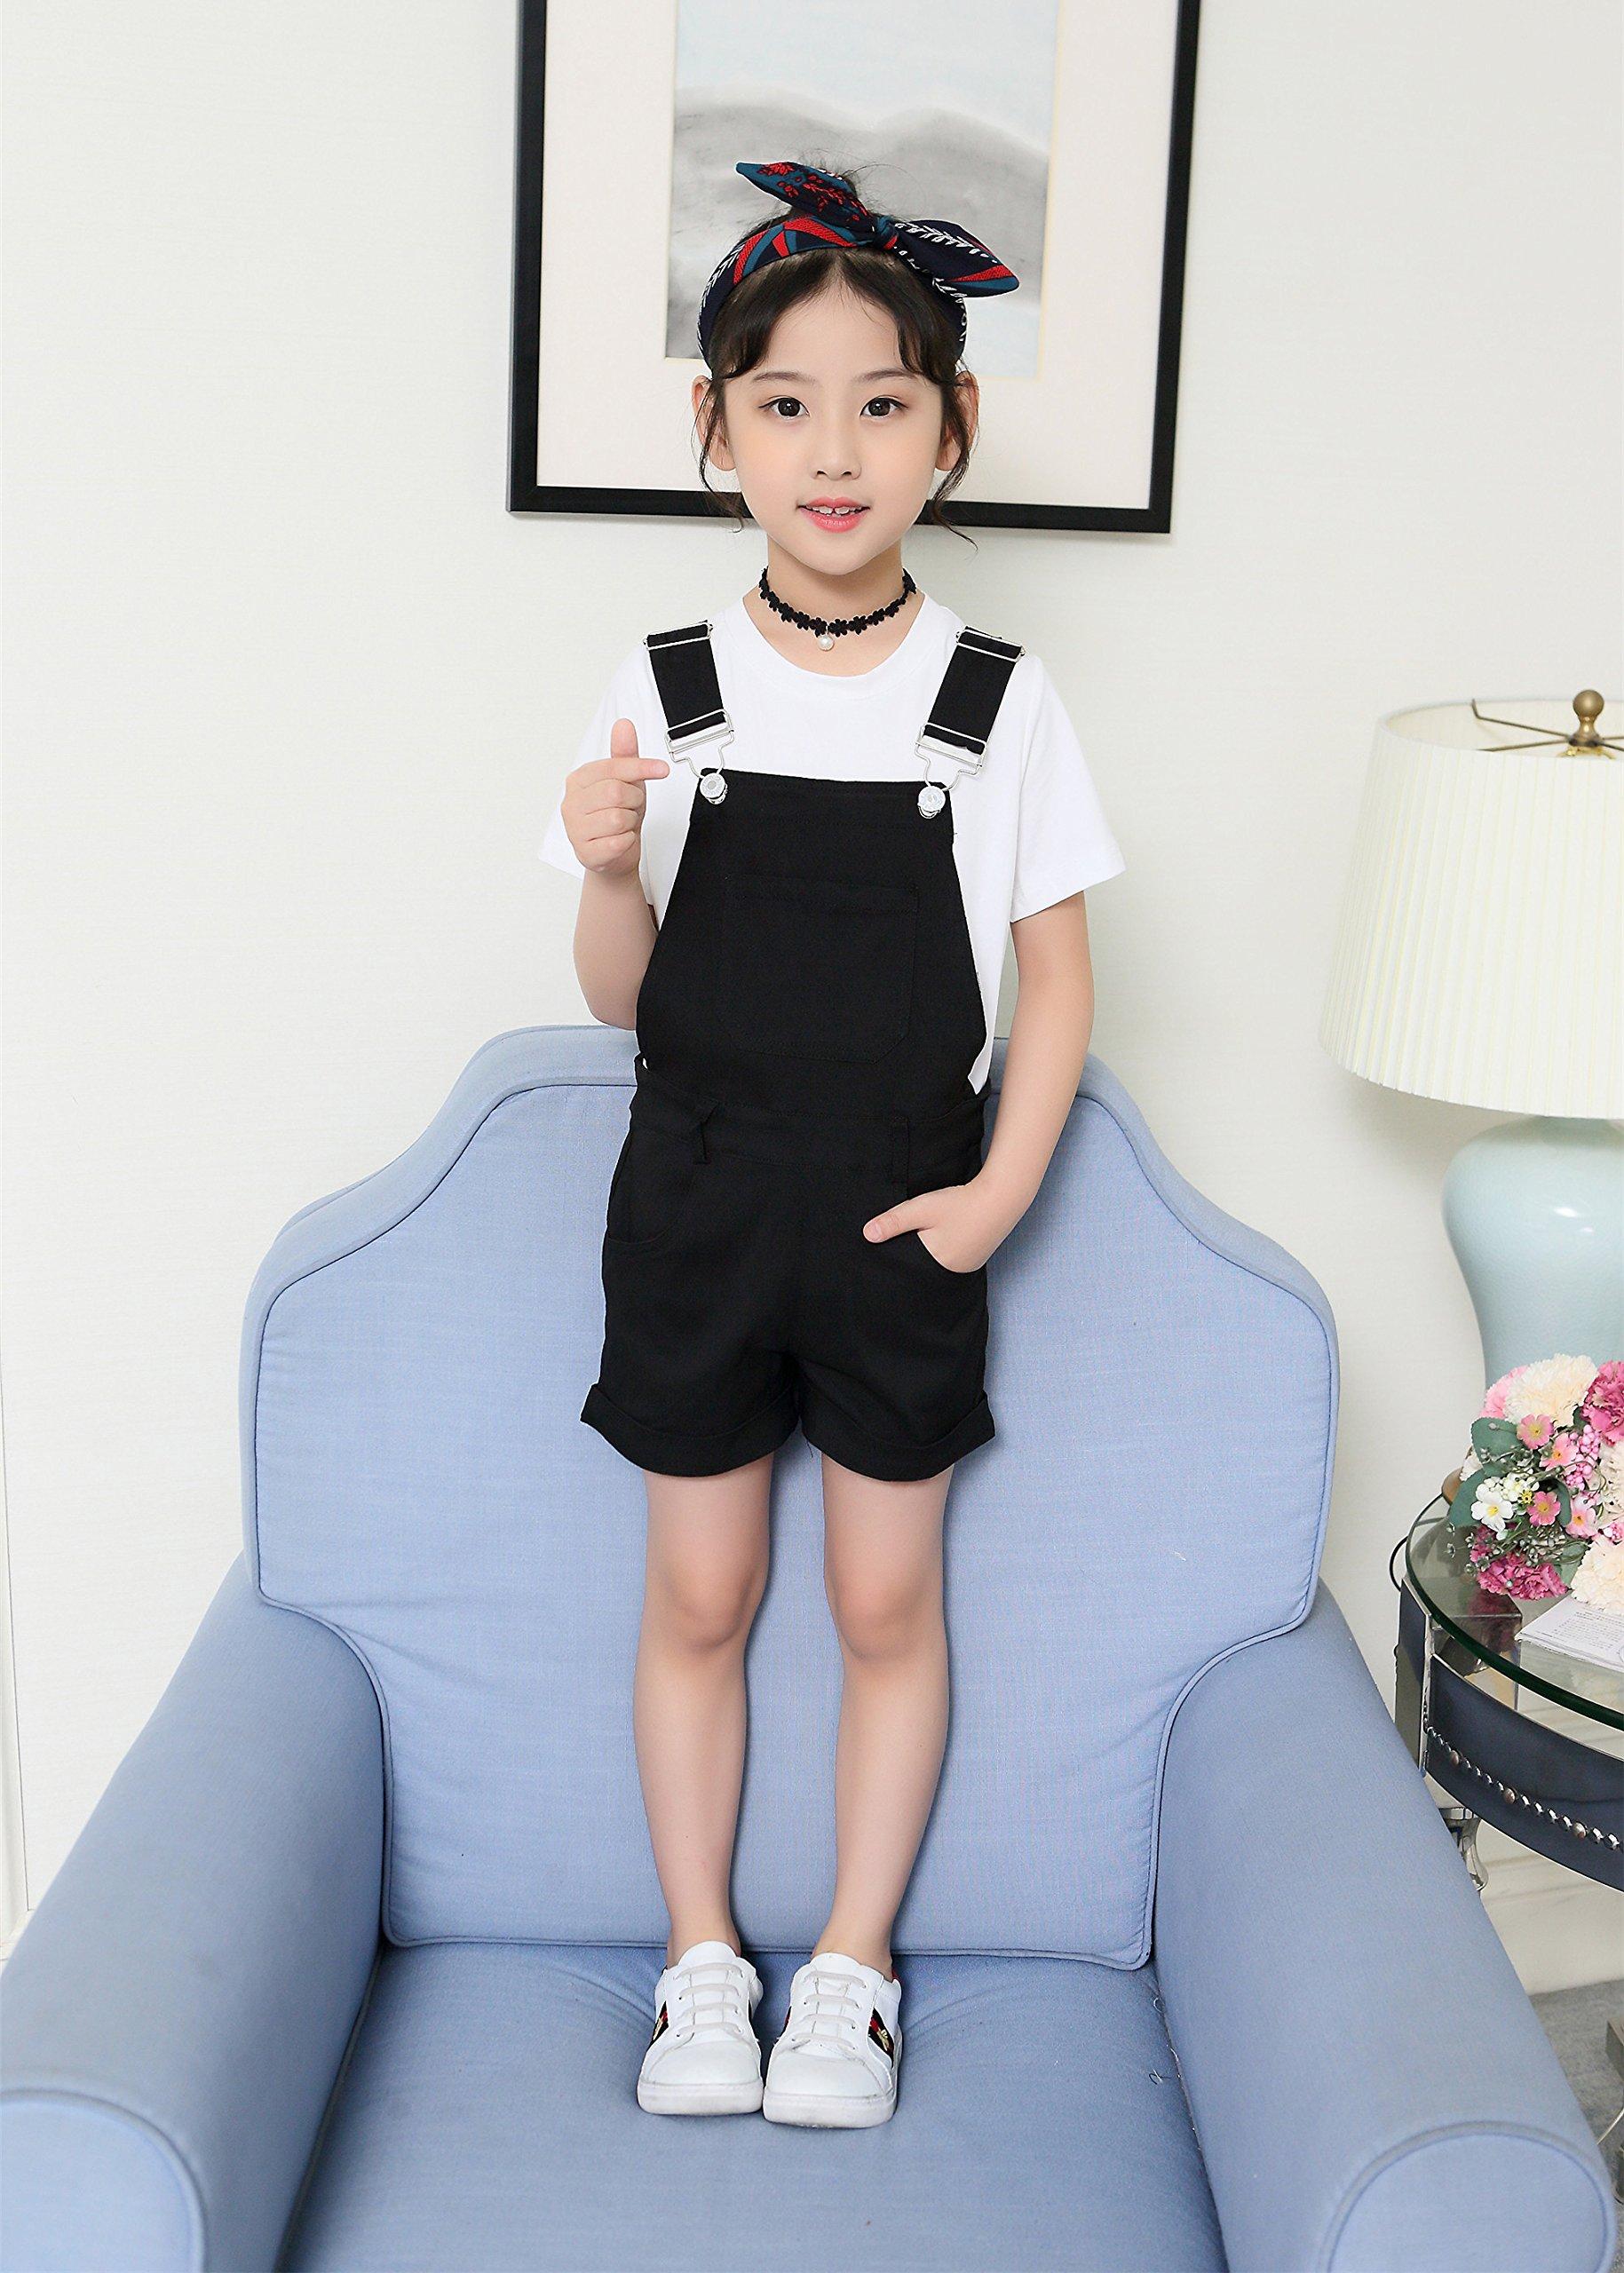 Sitmptol Big Girls Kids Cotton Overalls Jumpsuits Casual Shortalls Bib Romper Black 160 by Sitmptol (Image #3)